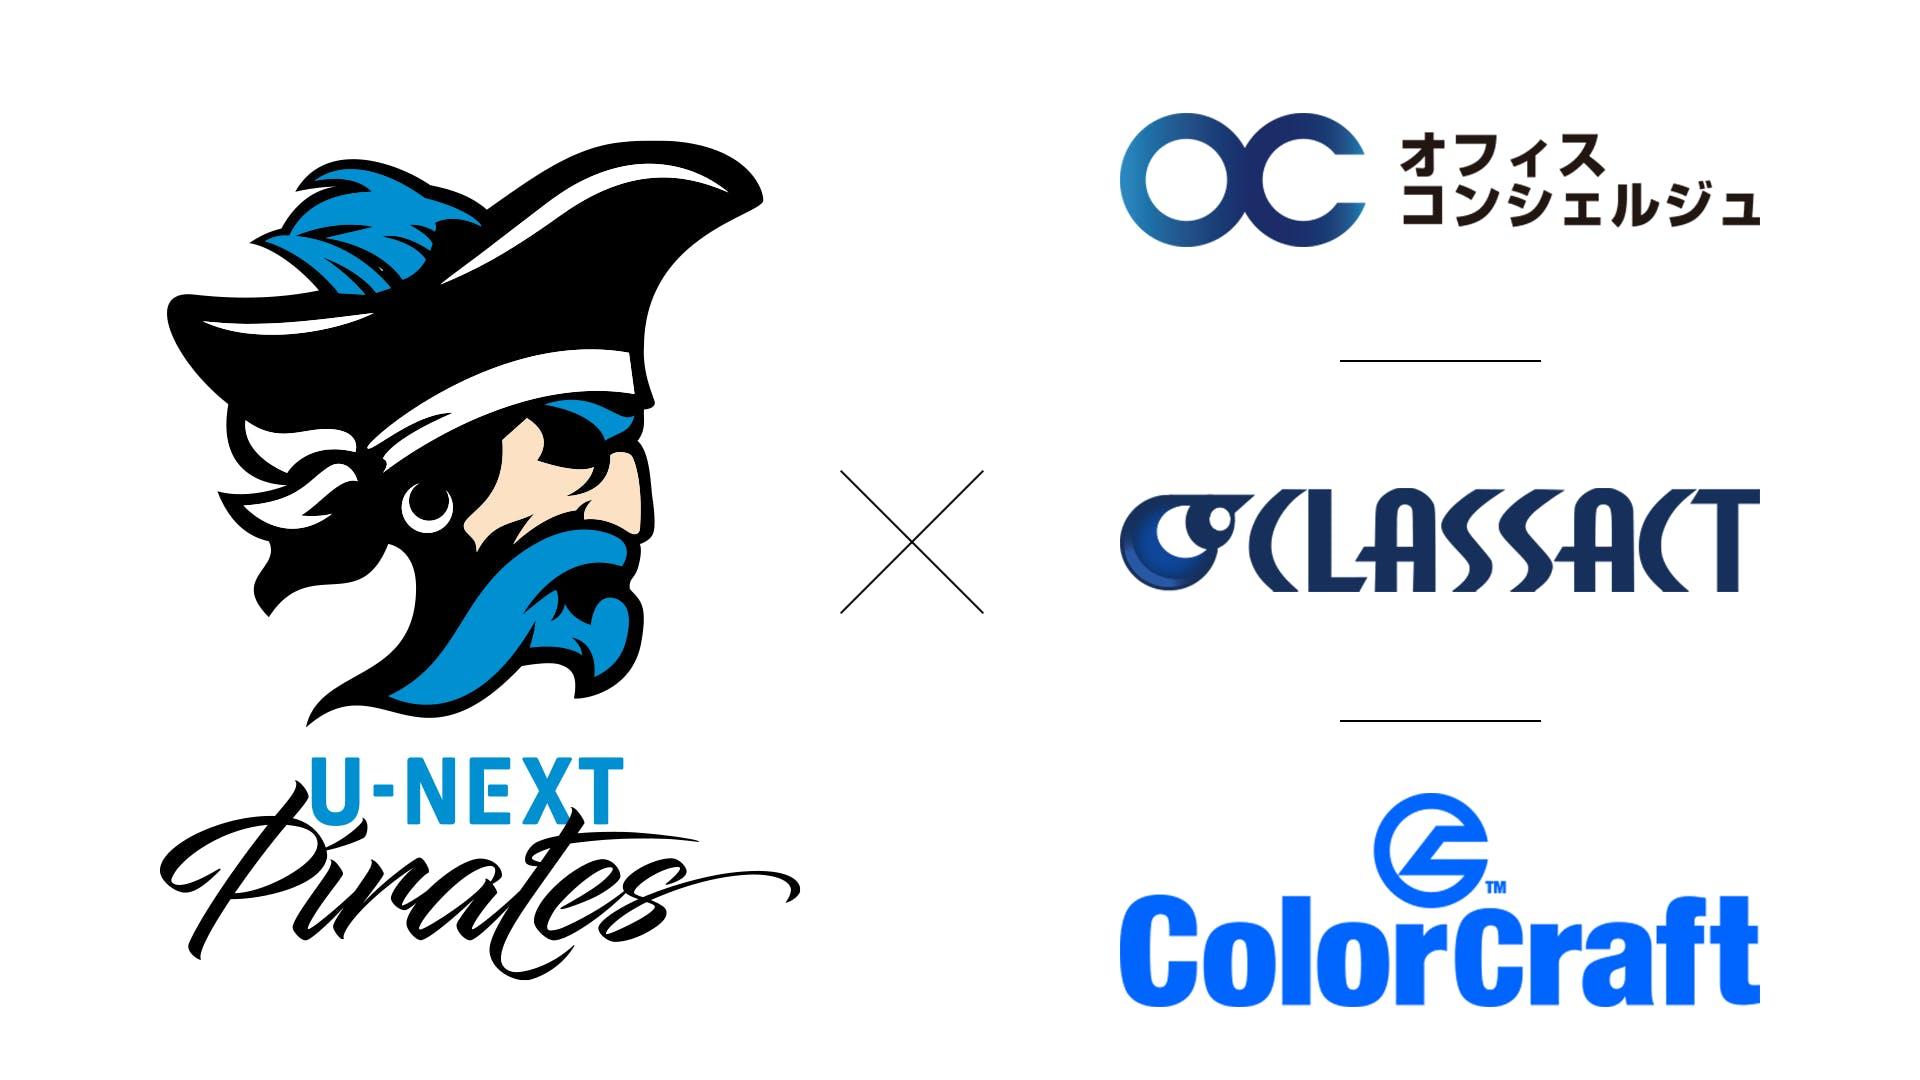 U-NEXT Piratesのオフィシャルスポンサーに「オフィスコンシェルジュ」「クラスアクト」「カラークラフト」が決定! - ニュース | U-NEXT Pirates公式サイト